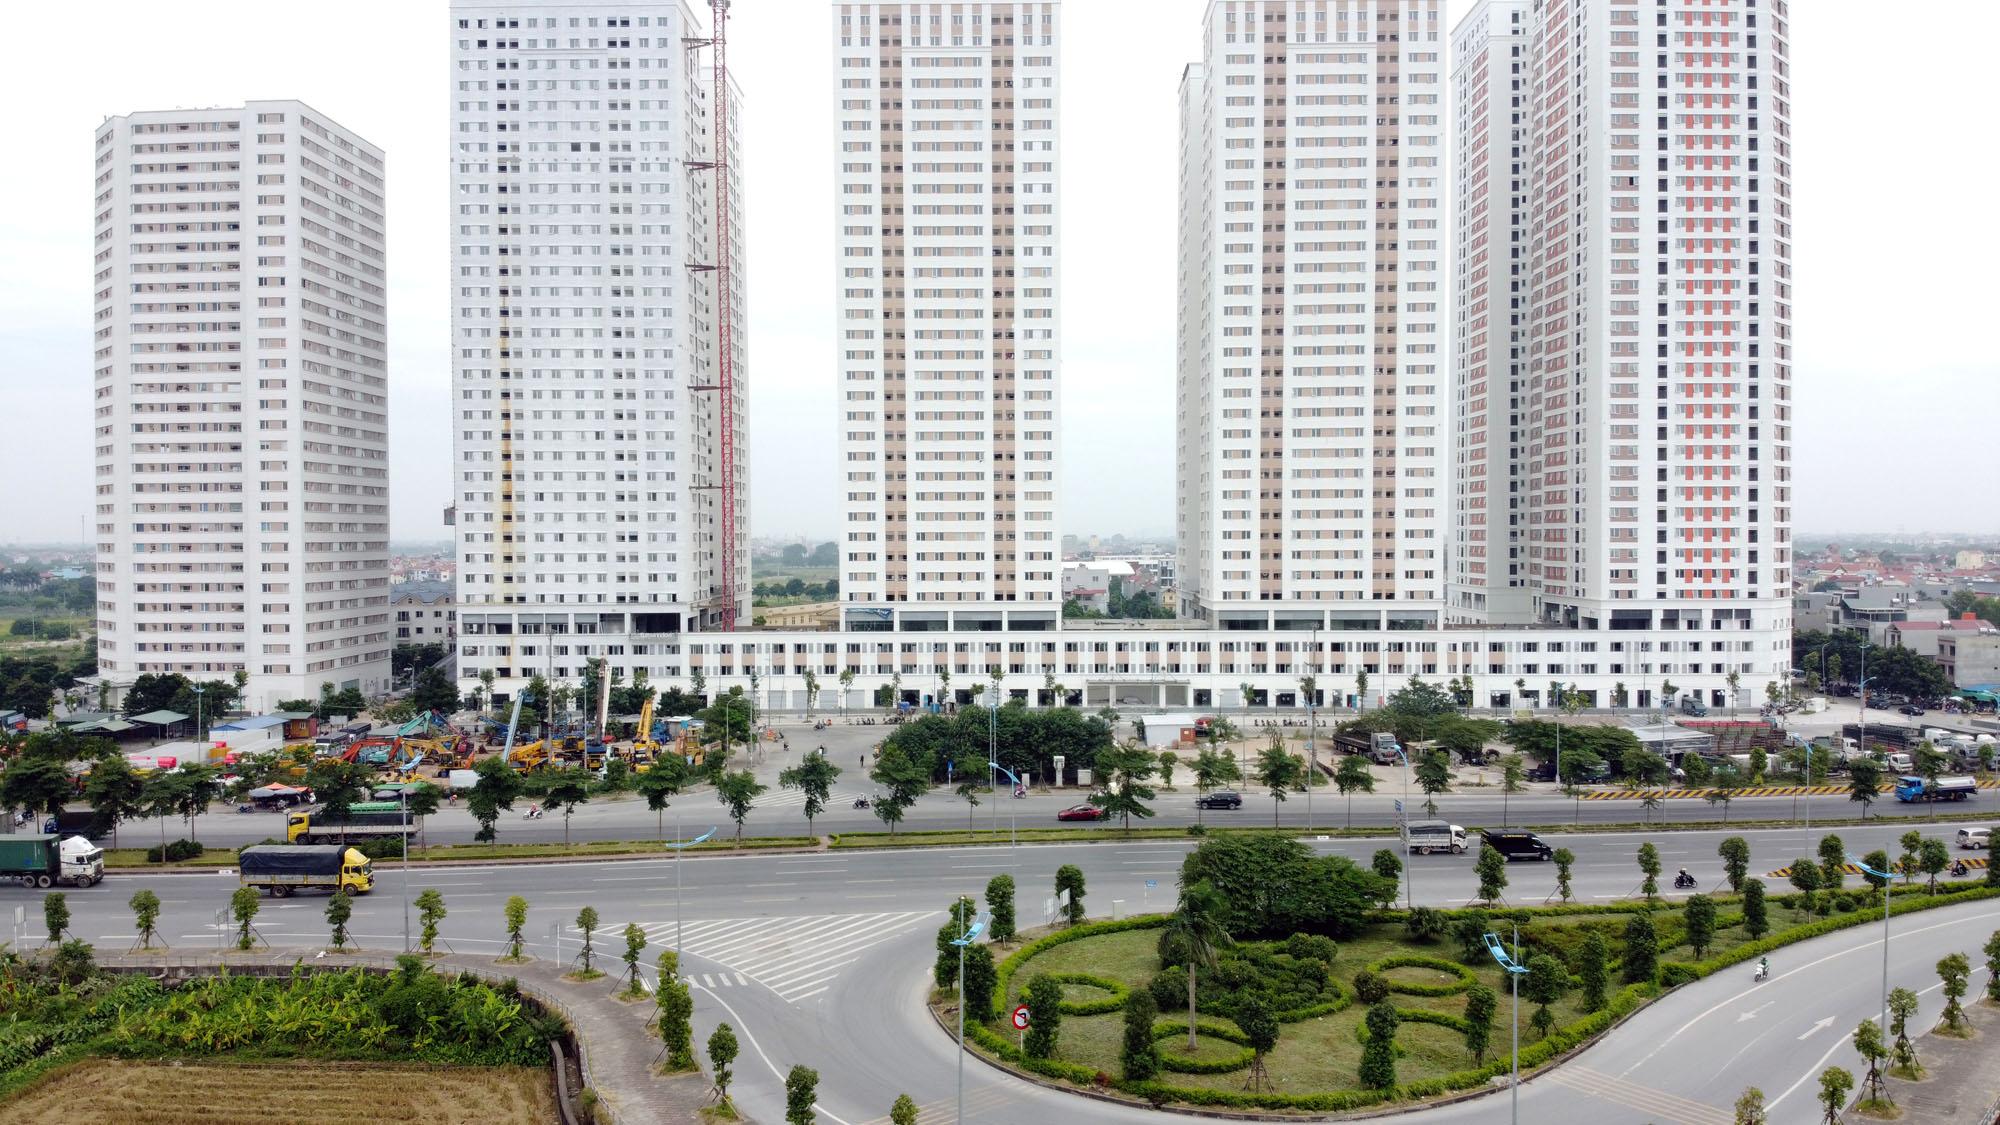 Dự án Eurowindow River Park đang mở bán: Cửa ngõ Đông Bắc Hà Nội, view hai sông lớn - Ảnh 13.